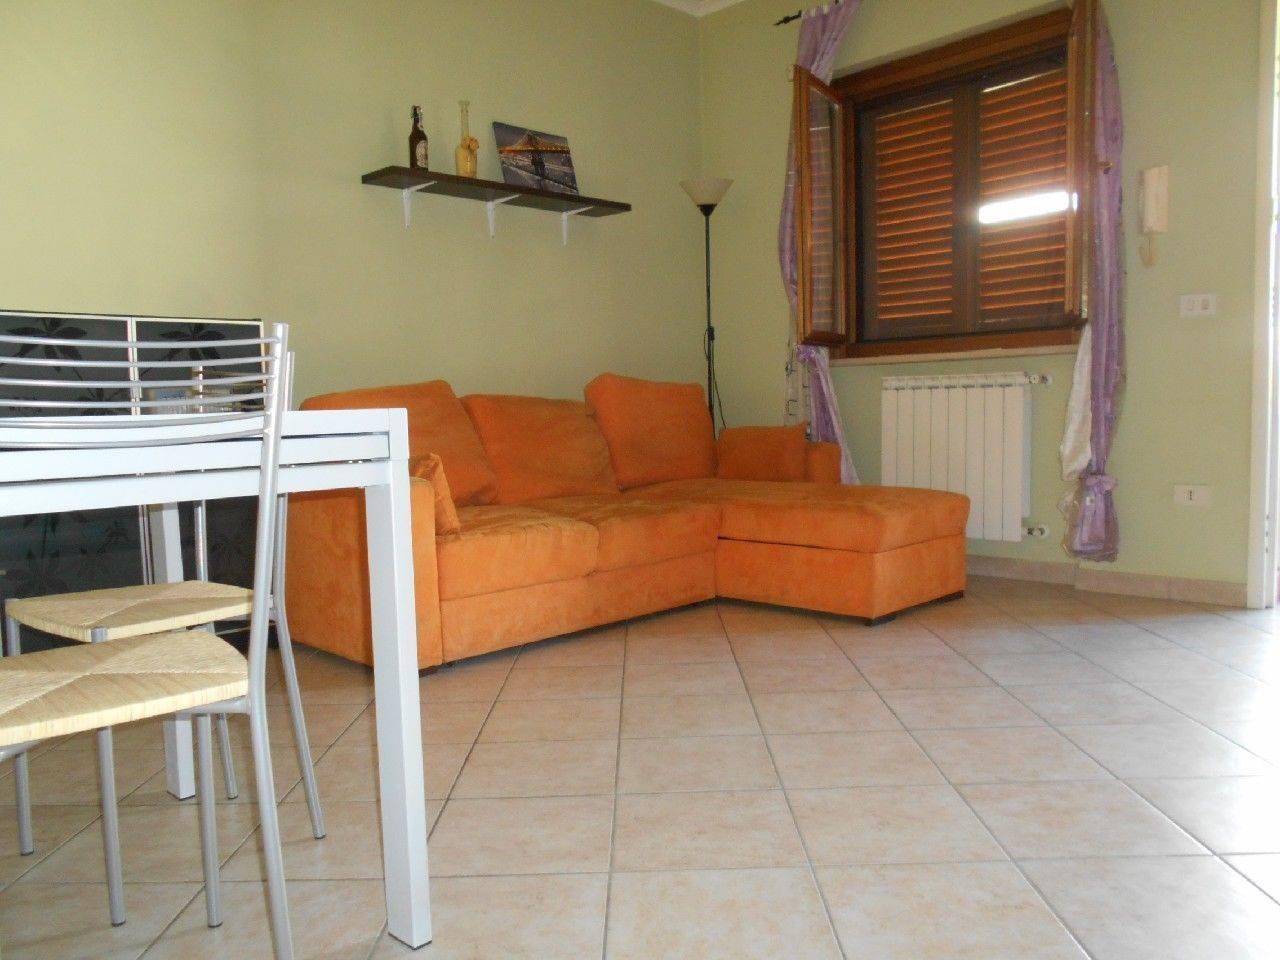 Grazioso appartamentino in soluzione indipendente su due livelli, ubicato in zona tranquilla e silenziosa a pochi minuti dal centro cittadino di